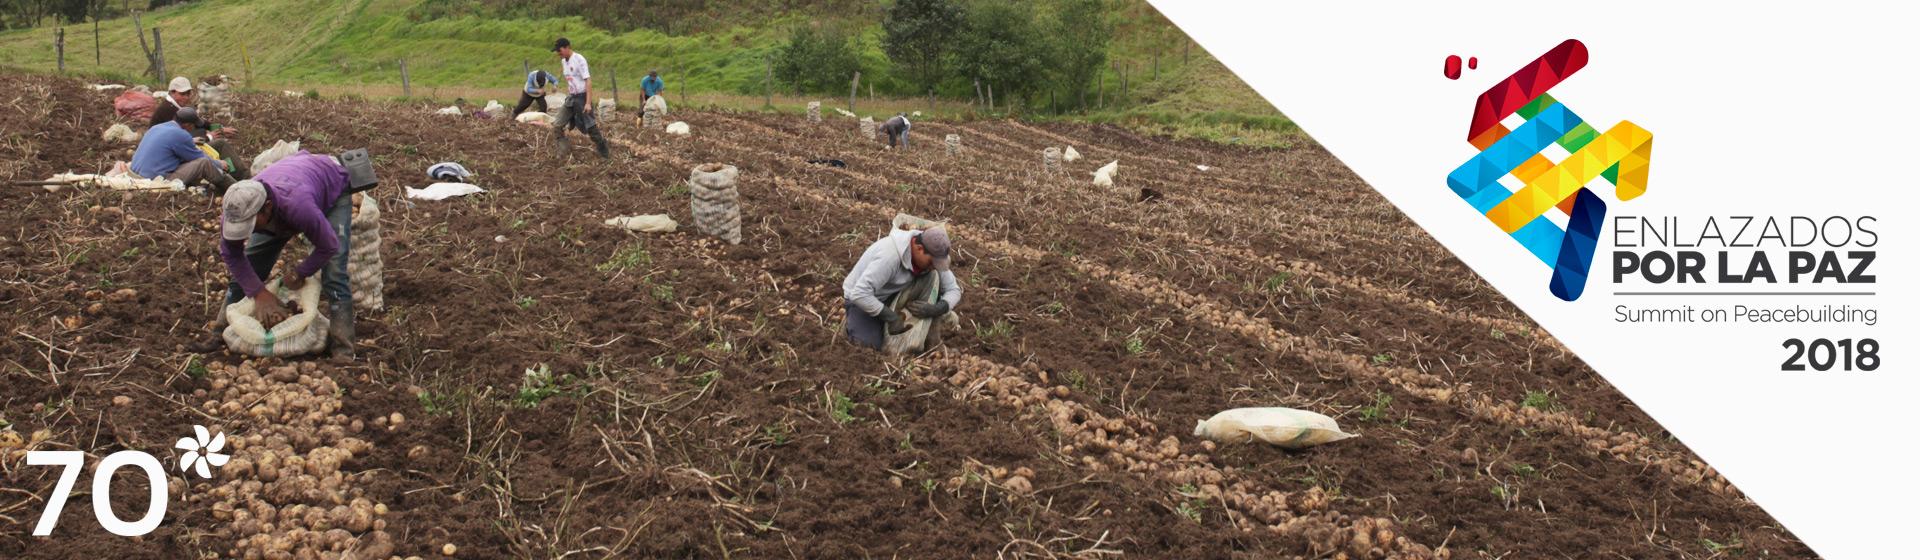 Imagen de campo colombiano